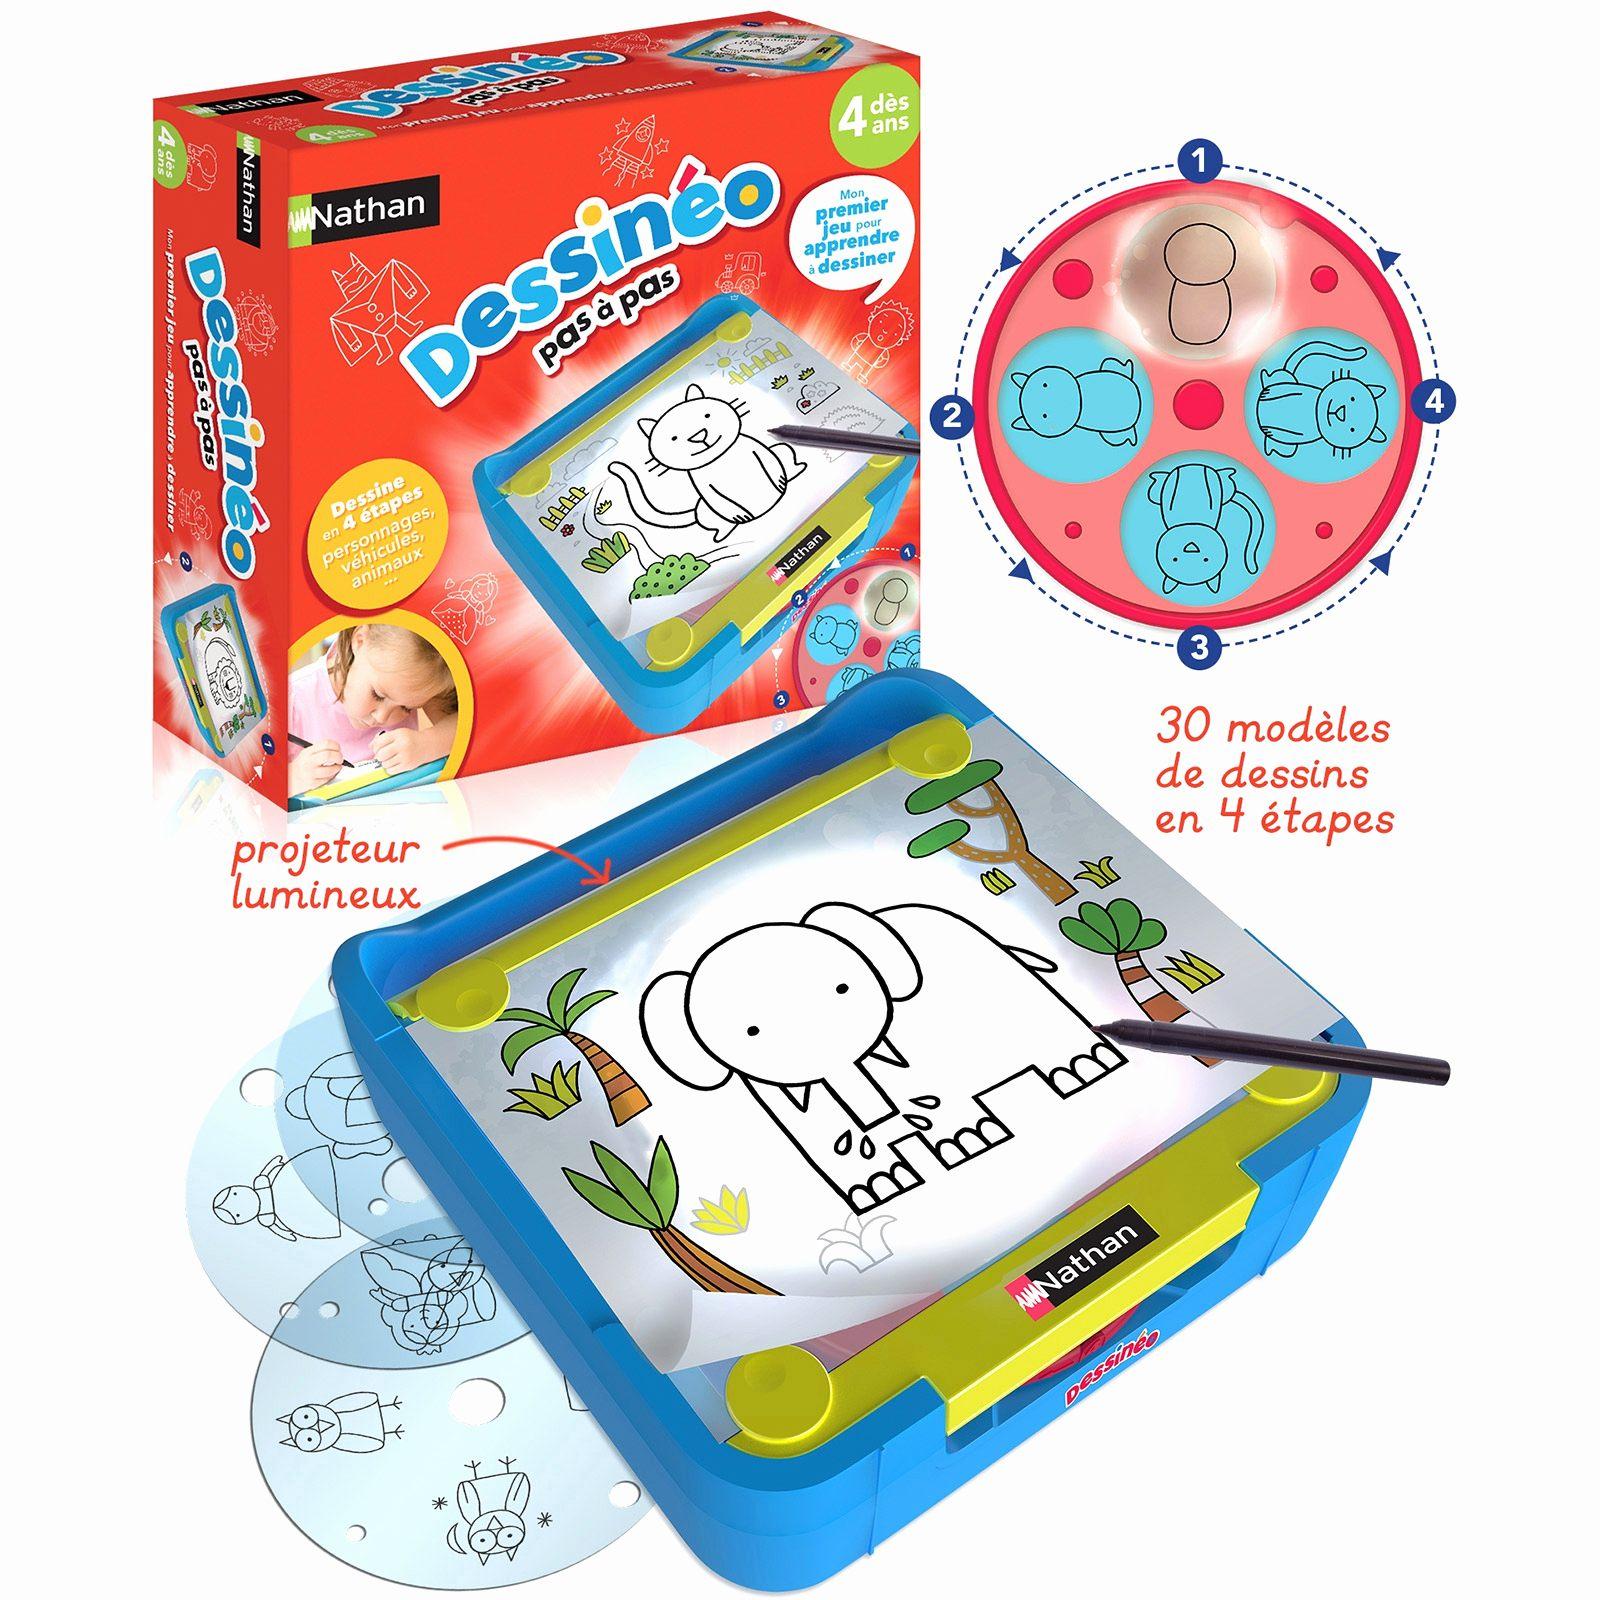 Lit Pour Enfant 3 Ans Nouveau Coloriage Pour Enfant De 2 Ans Luxe 14 Best Lit Enfant Avec